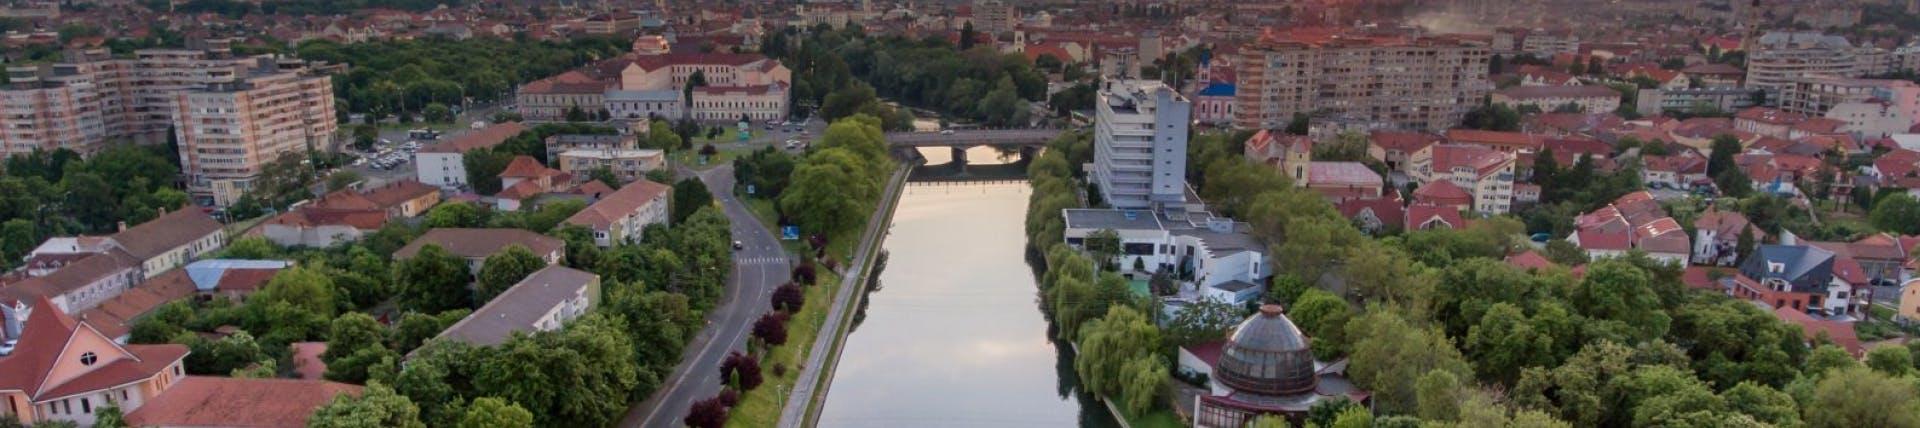 Picture of Oradea